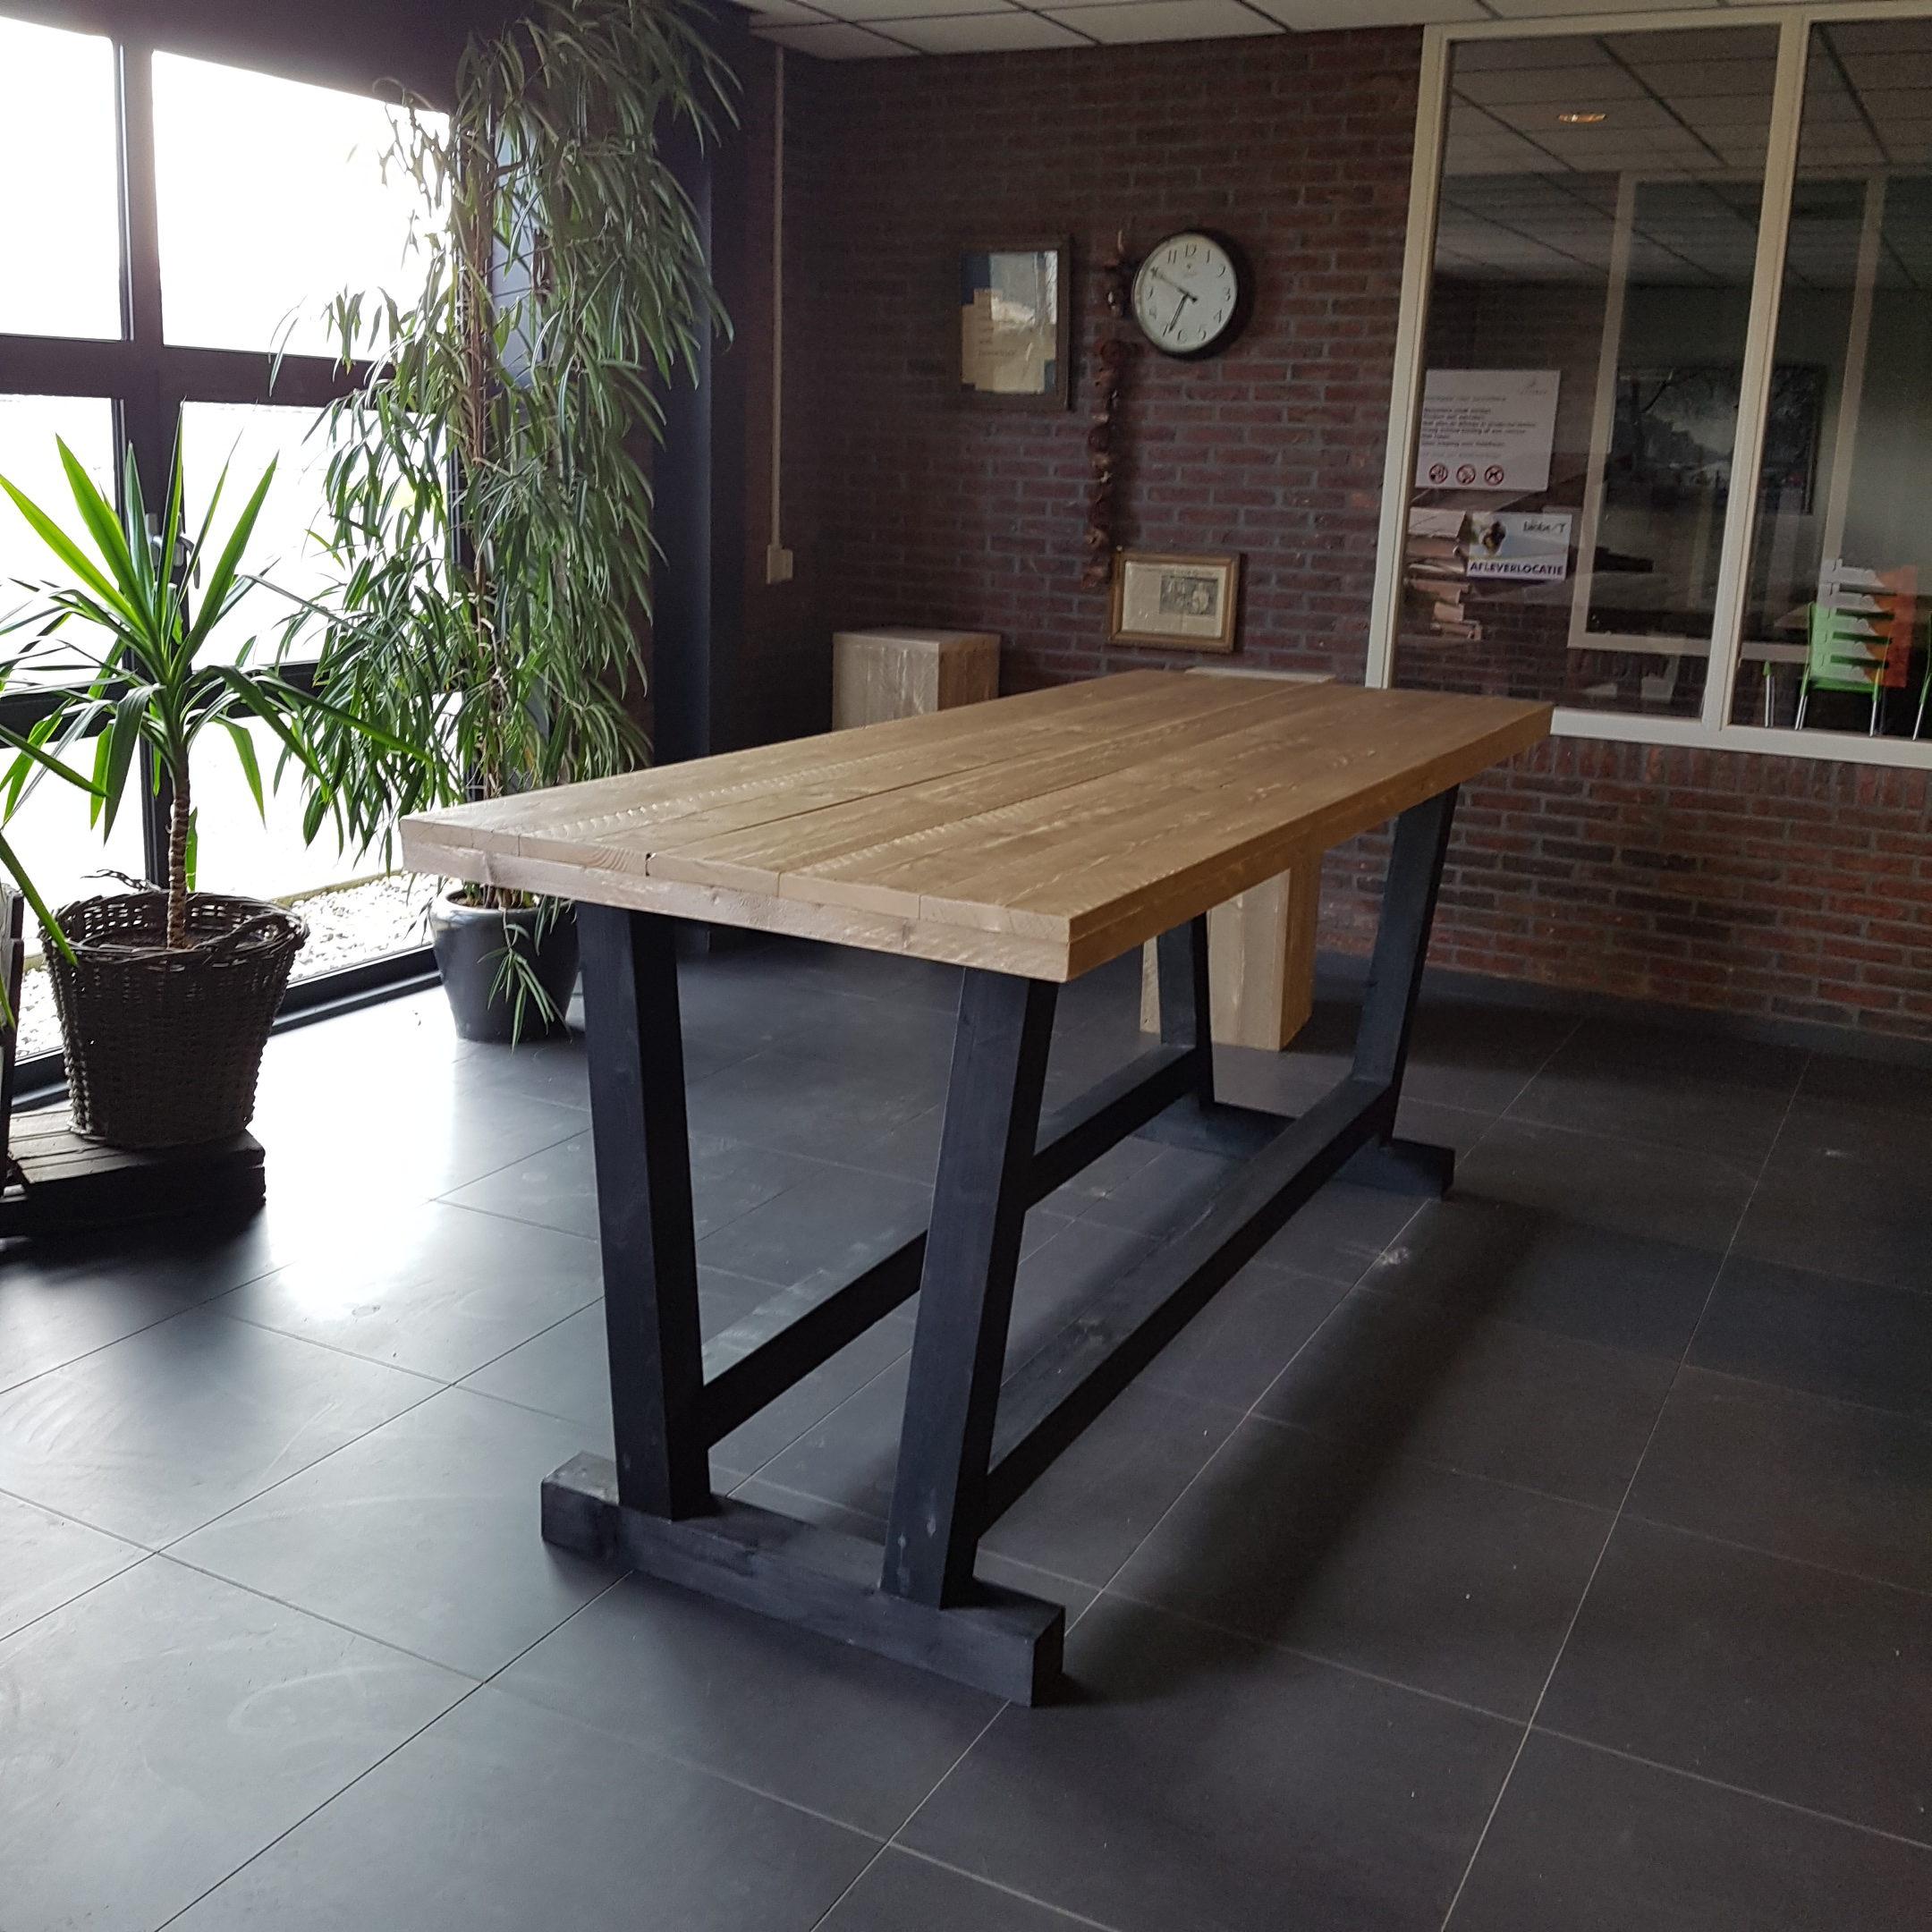 Tafels voor binnen en buiten - Rombout interieur - Meubel maker